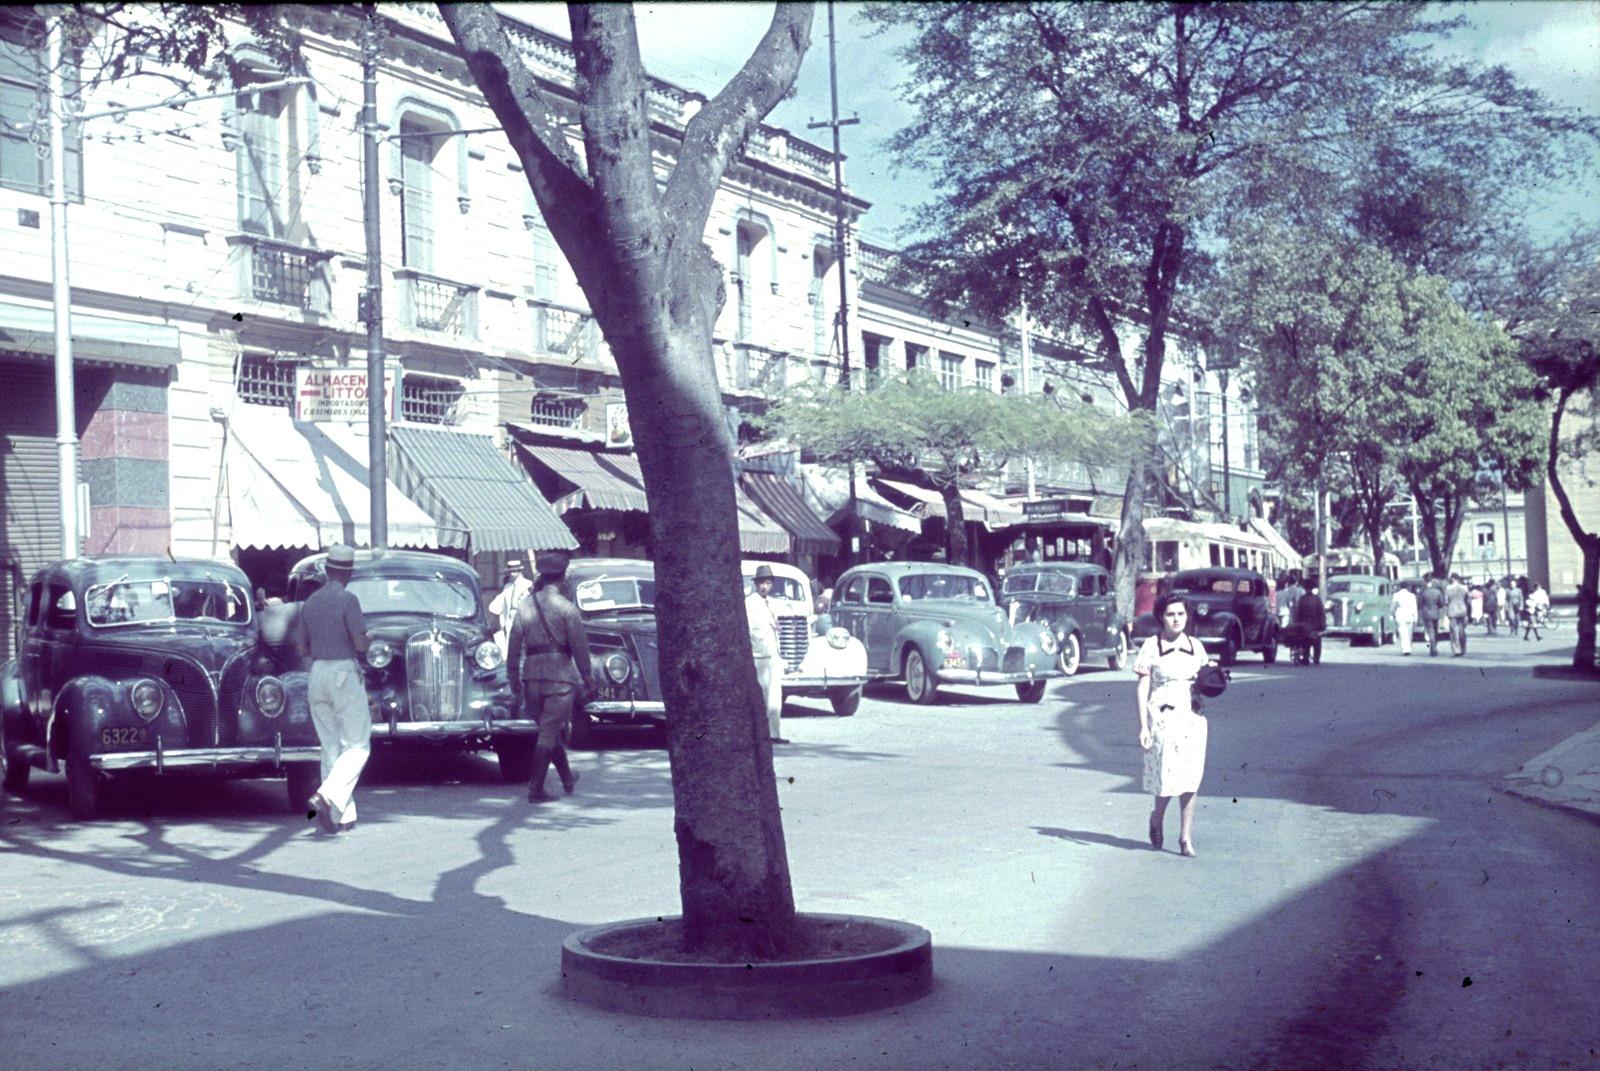 Уличная сцена с припаркованными автомобилями